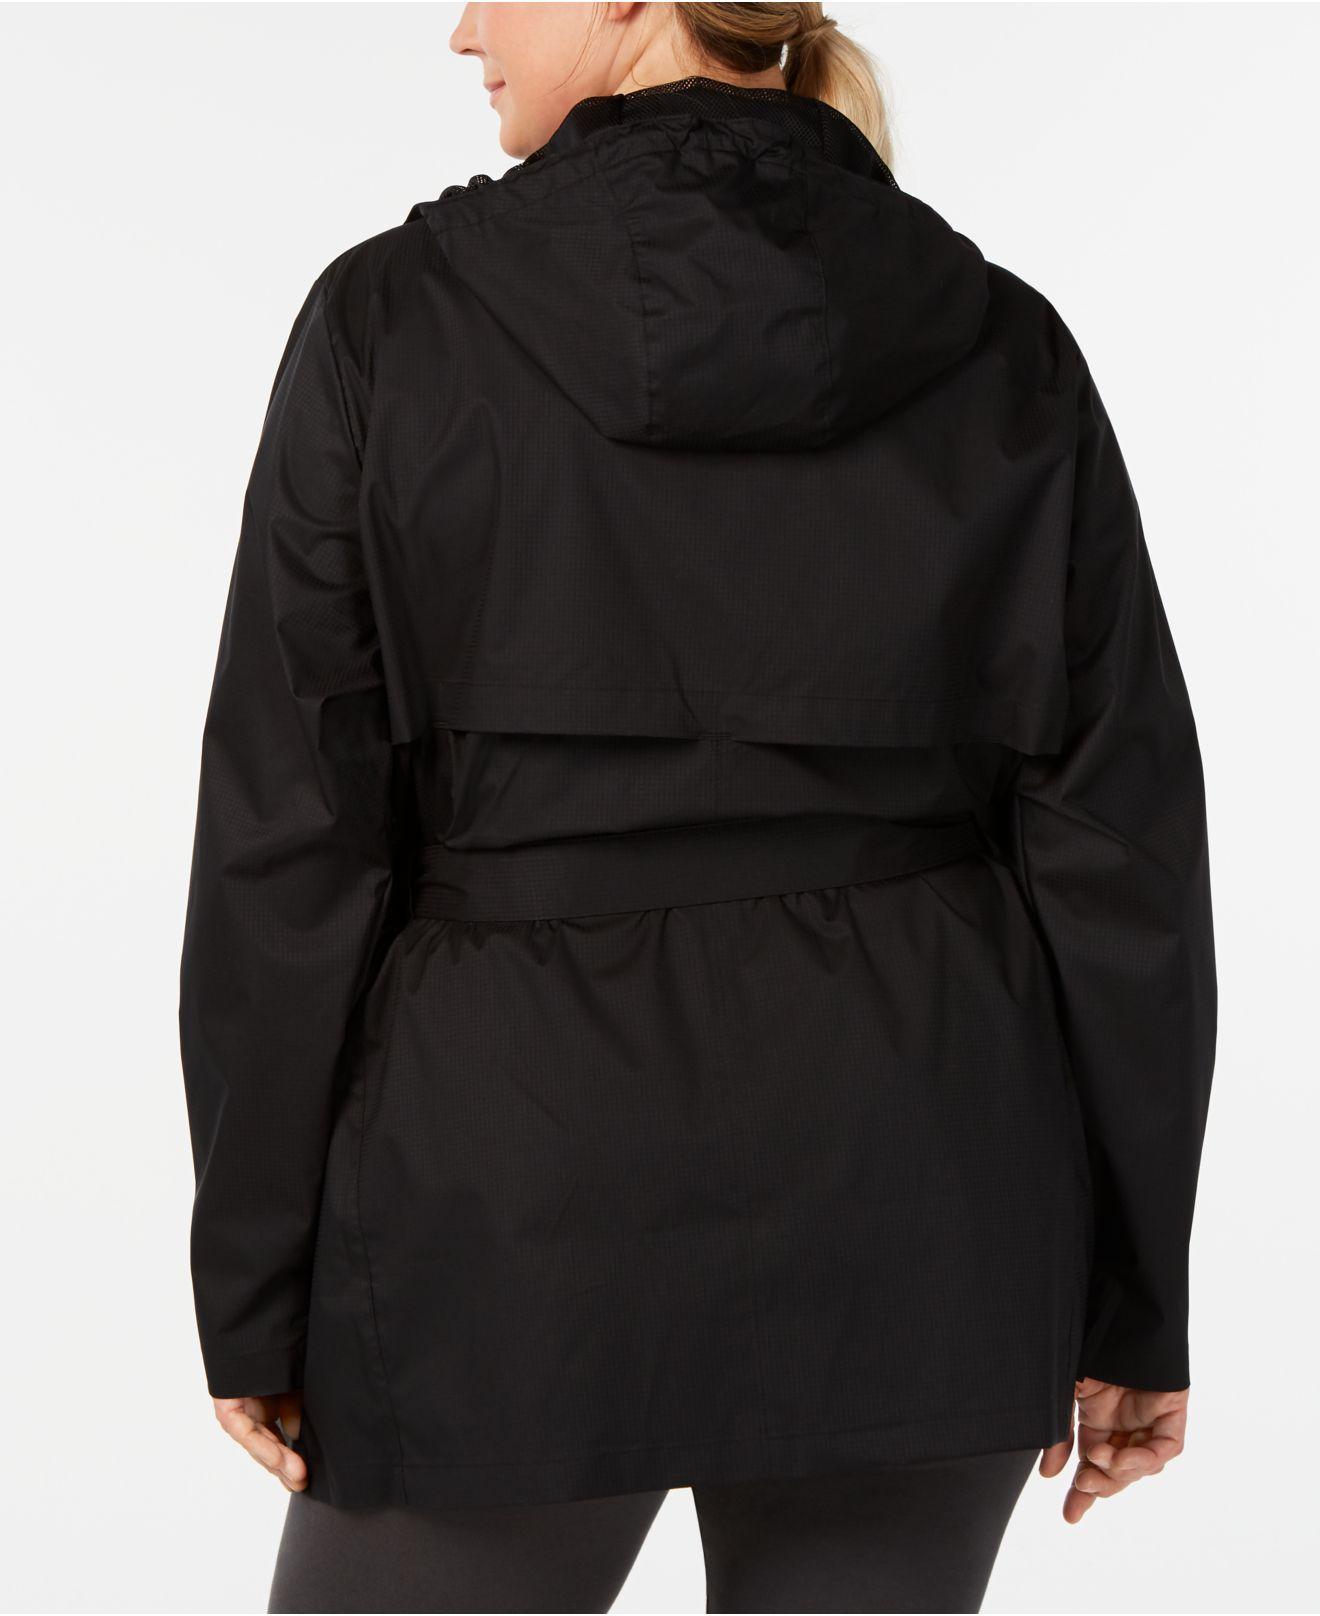 7687cdb4888 Women s Black Plus Size Belted Rain Jacket